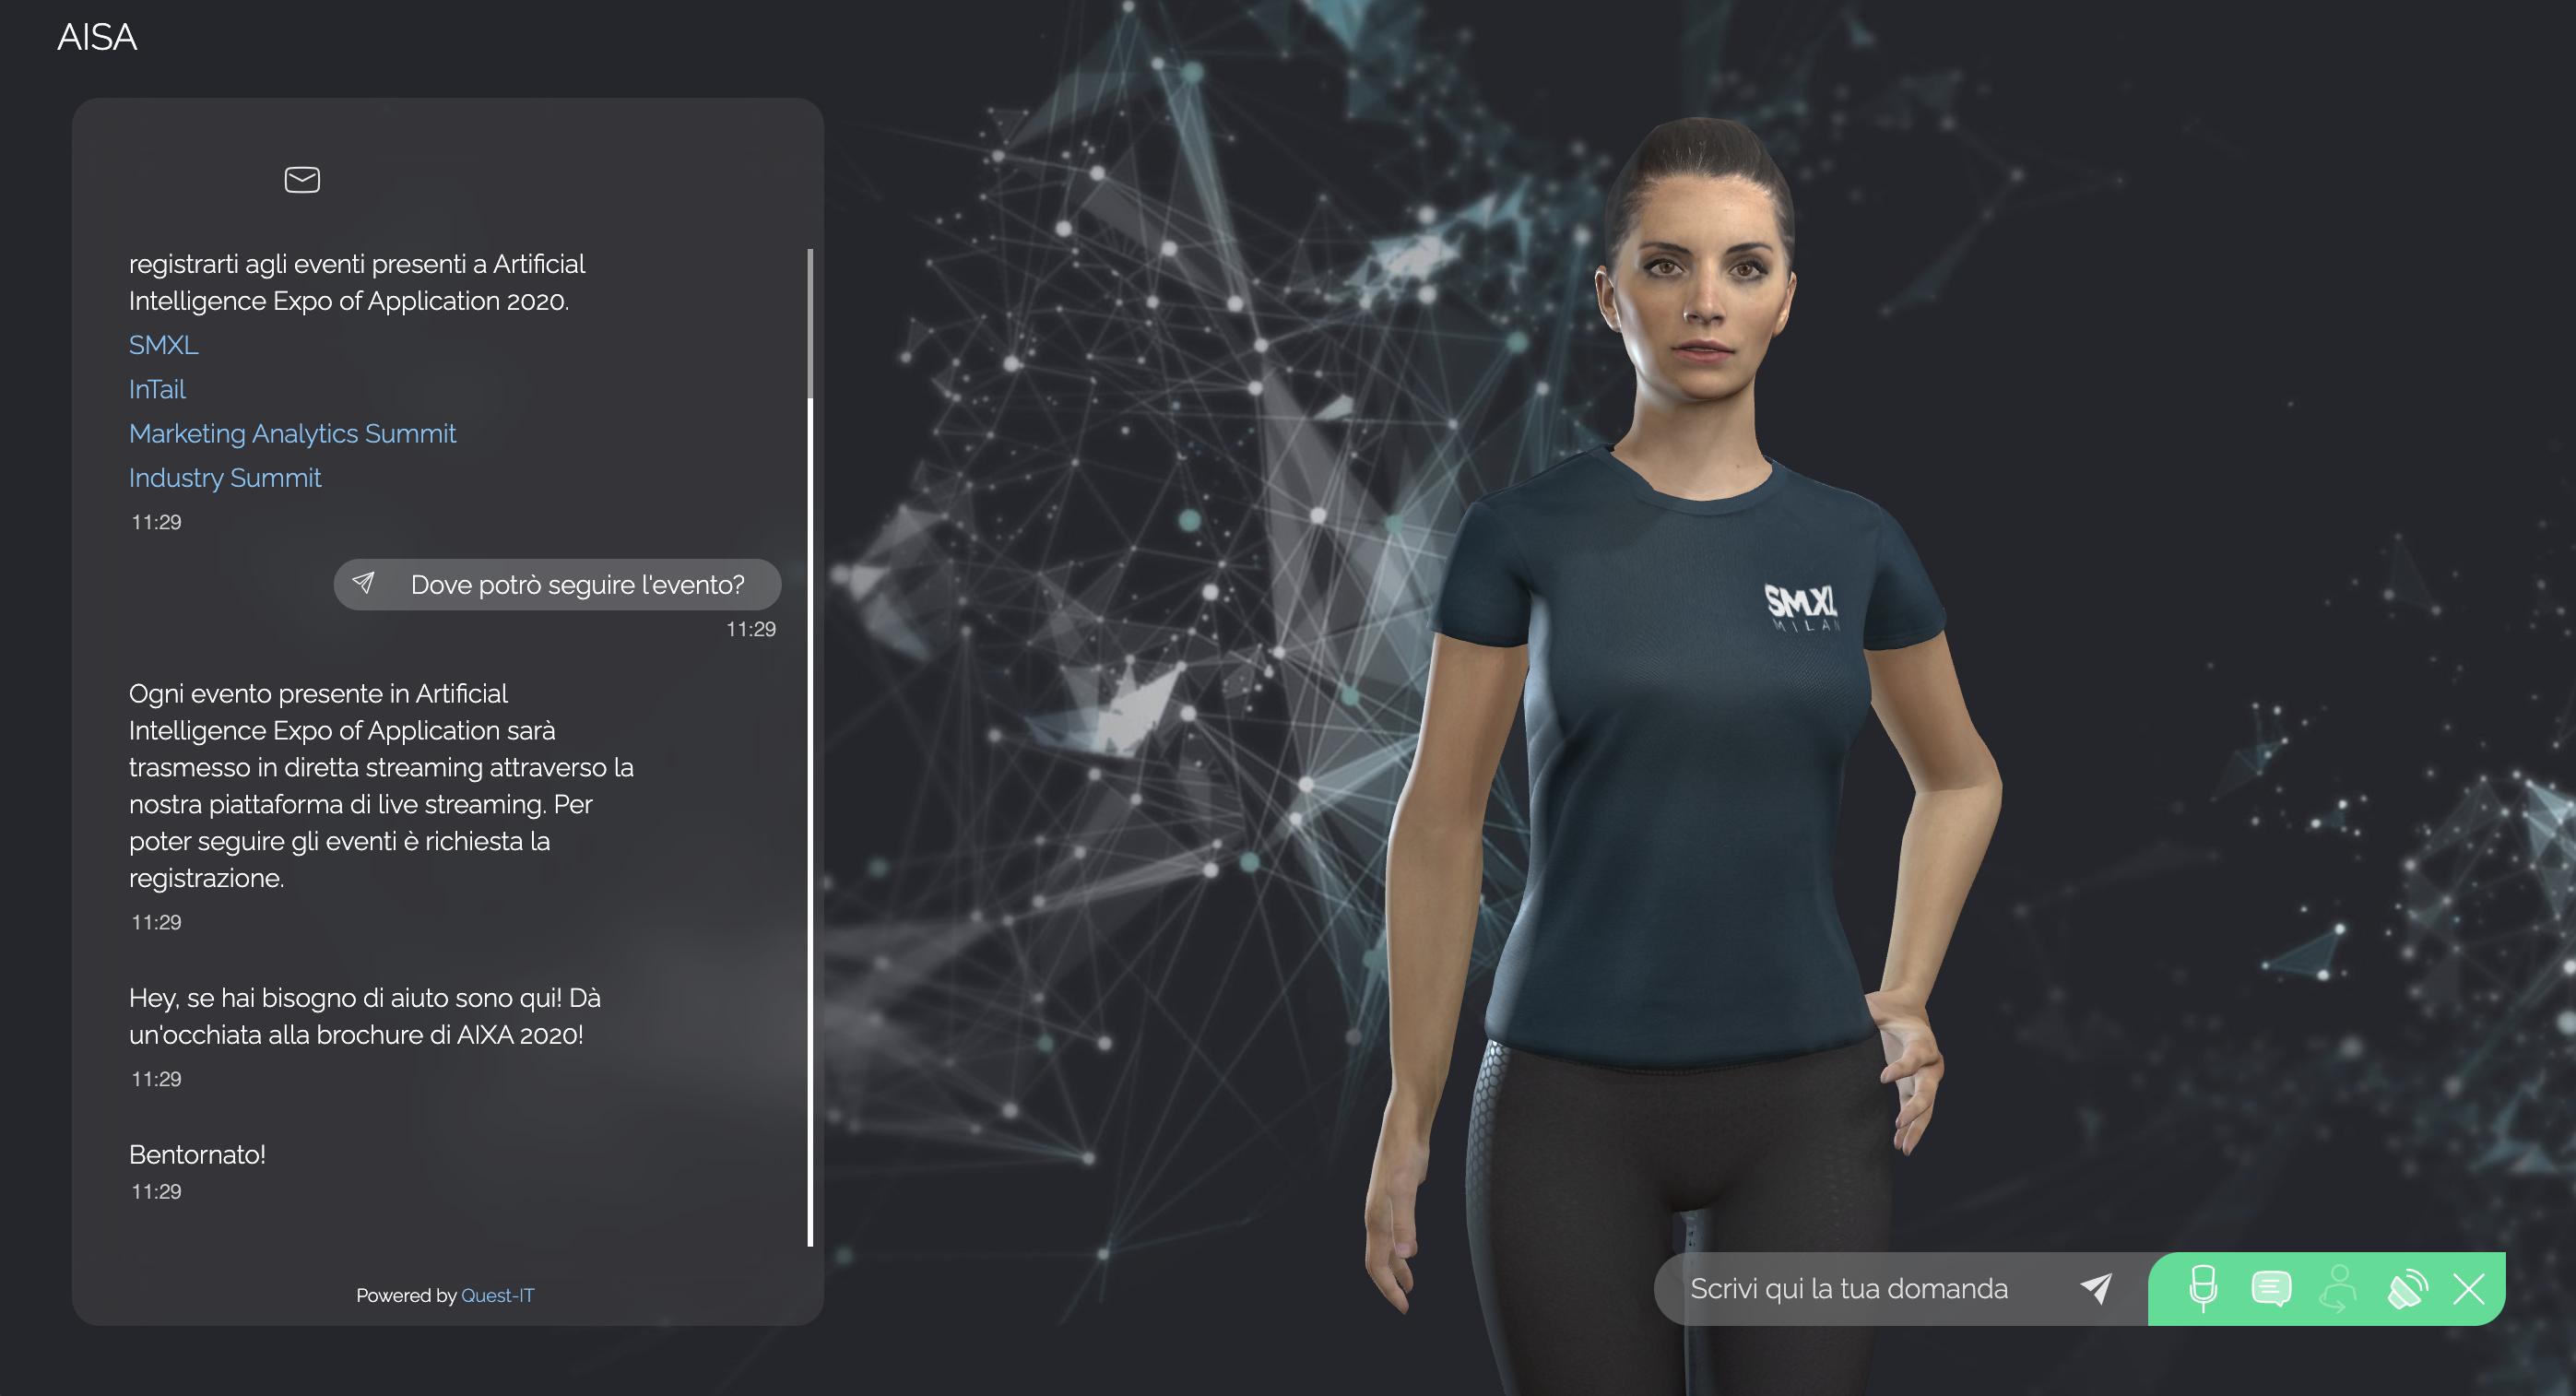 Assistenti virtuali: come costruirli da zero con l'AI. Due masterclass online